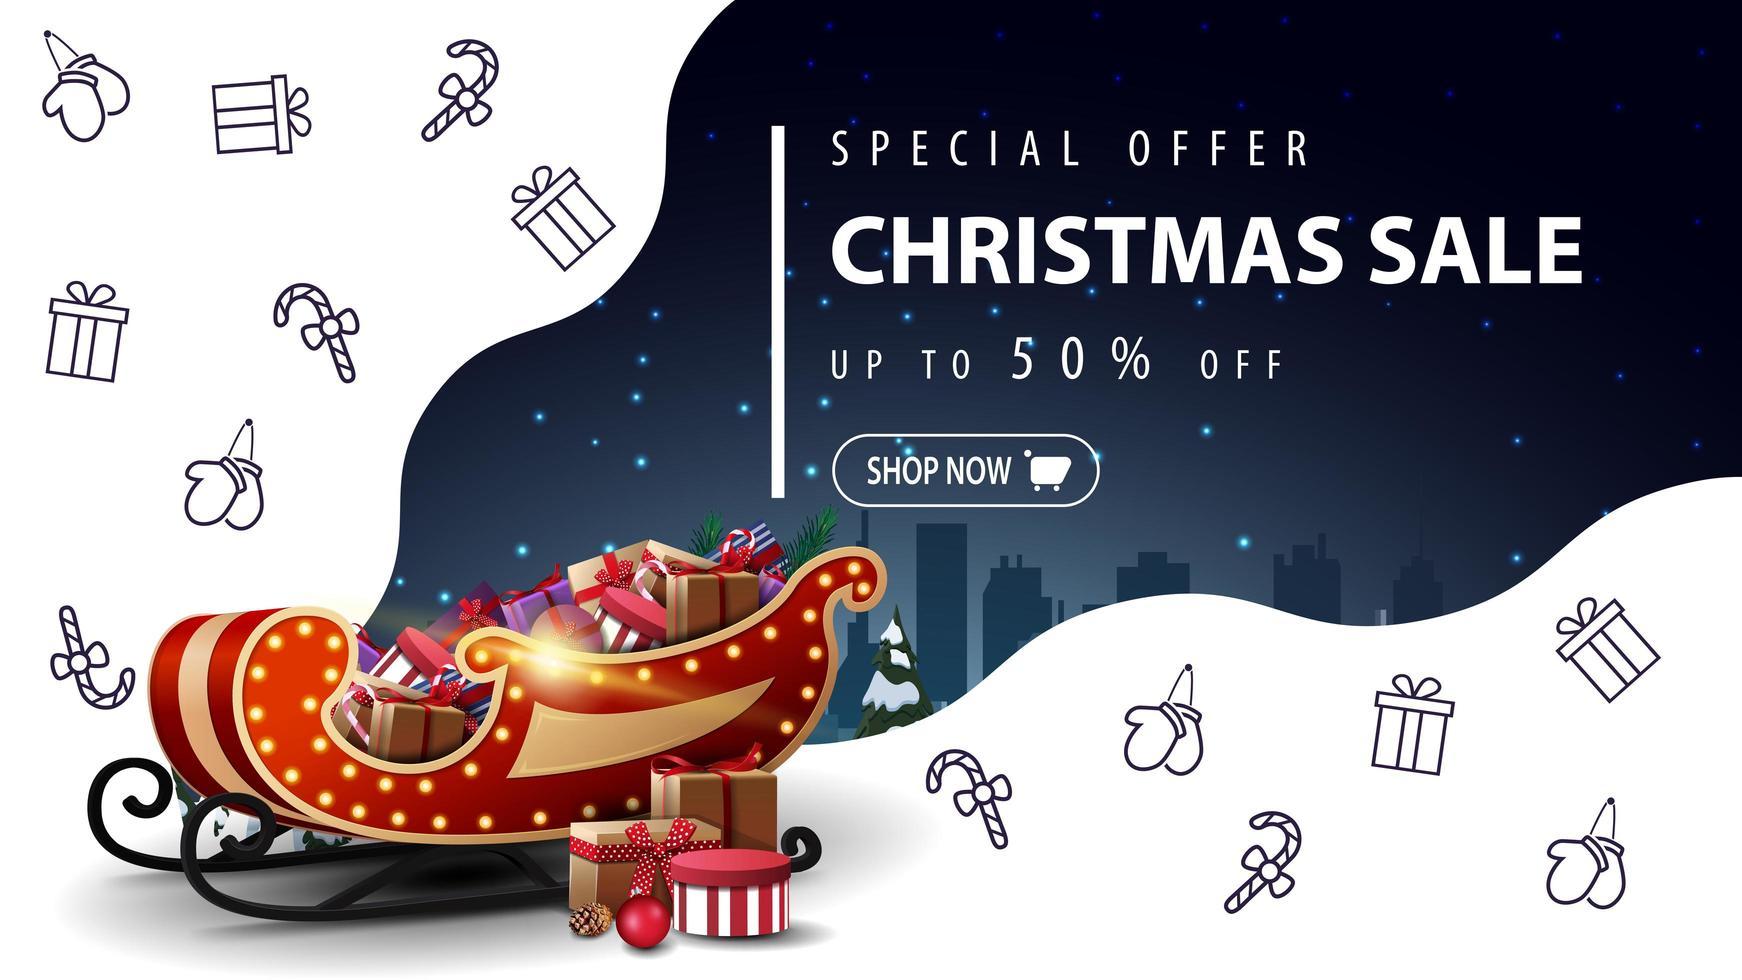 specialerbjudande, julförsäljning, upp till 50 rabatt, vacker vit och blå rabattbanner med jultomten med presenter och jullinjeikoner, rymdfantasi vektor